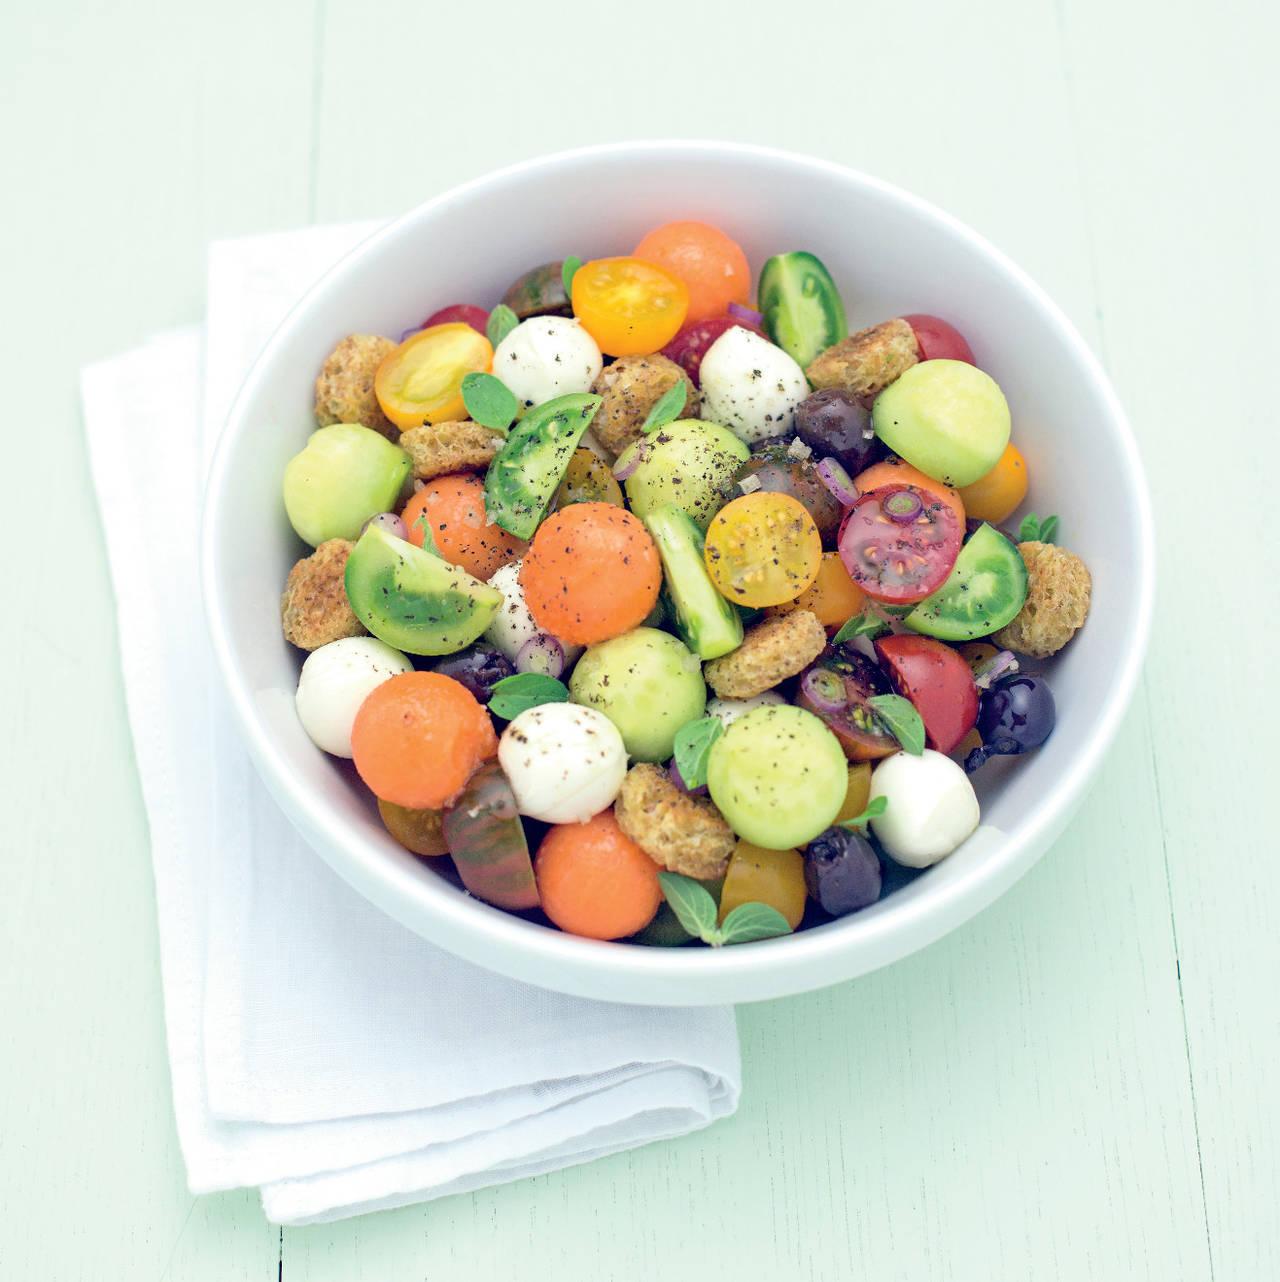 Insalata colorata con crostini e ortaggi estivi cucina for Ortaggi estivi